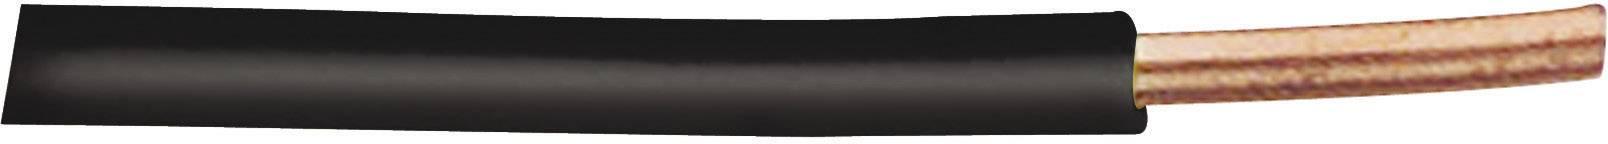 Drátové vedení XBK-Kabel H07V-U, 1x 2,50 mm², PVC, 4 mm², Ø 4,10 mm, 1 m, modrá